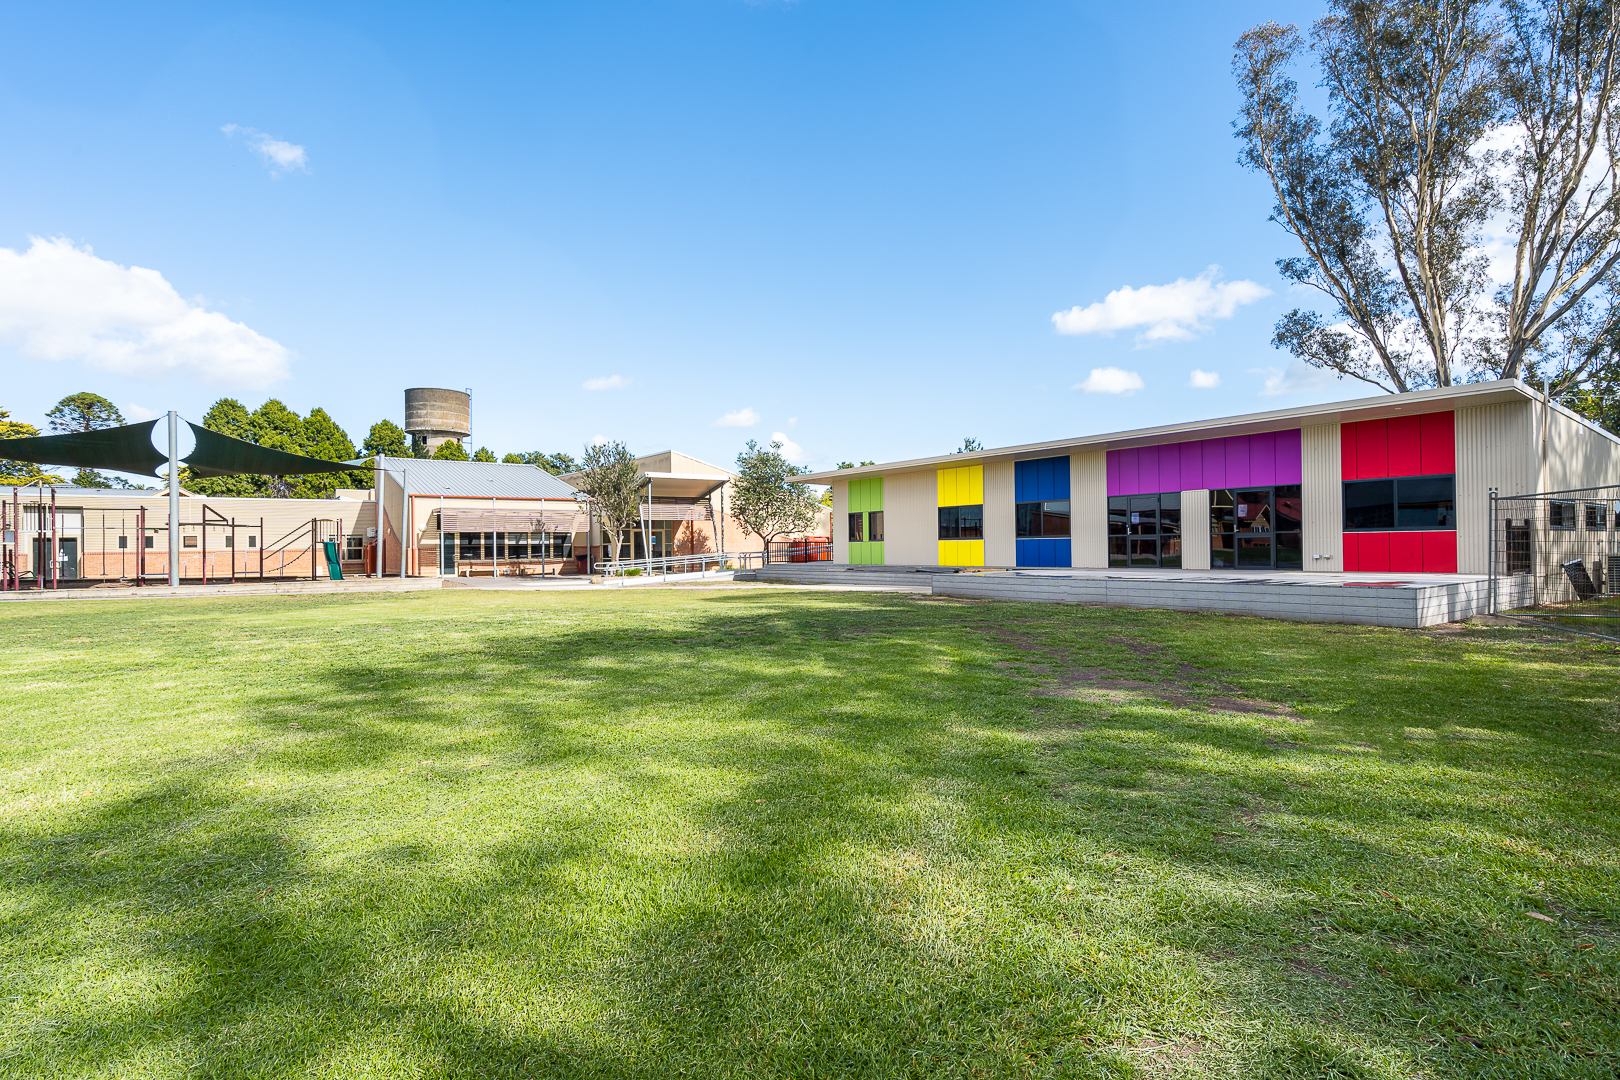 Sale Primary School